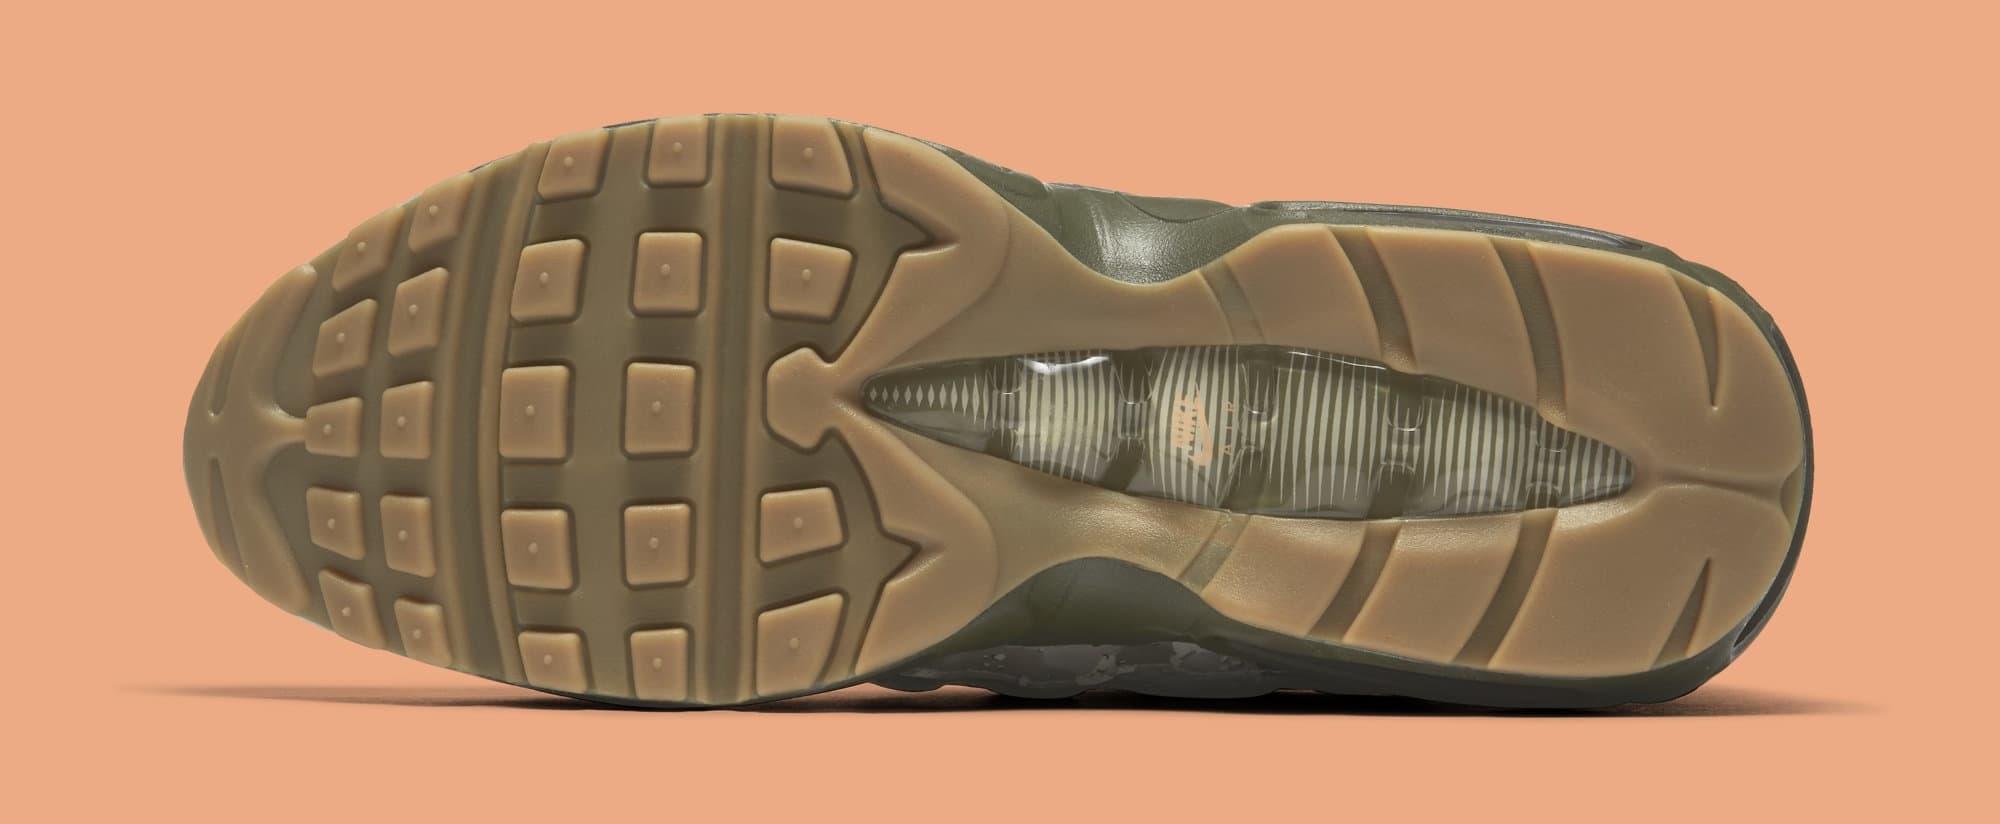 Nike Air Max 95 'Desert Camo' AQ6303-001 (Bottom)